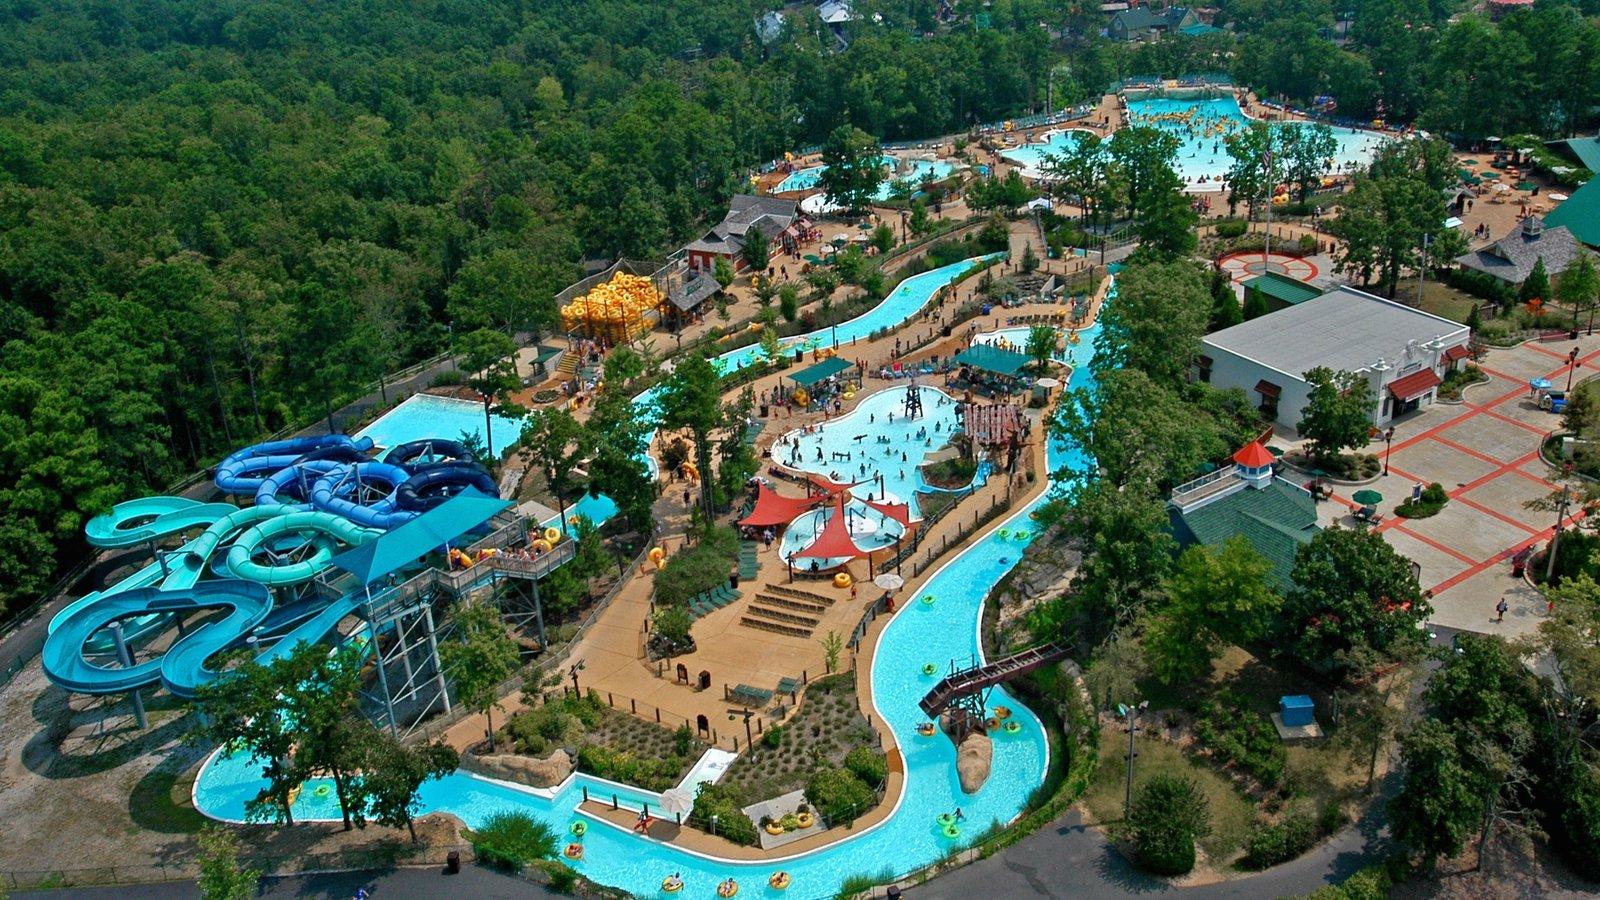 Hot Springs que inclui um parque aquático